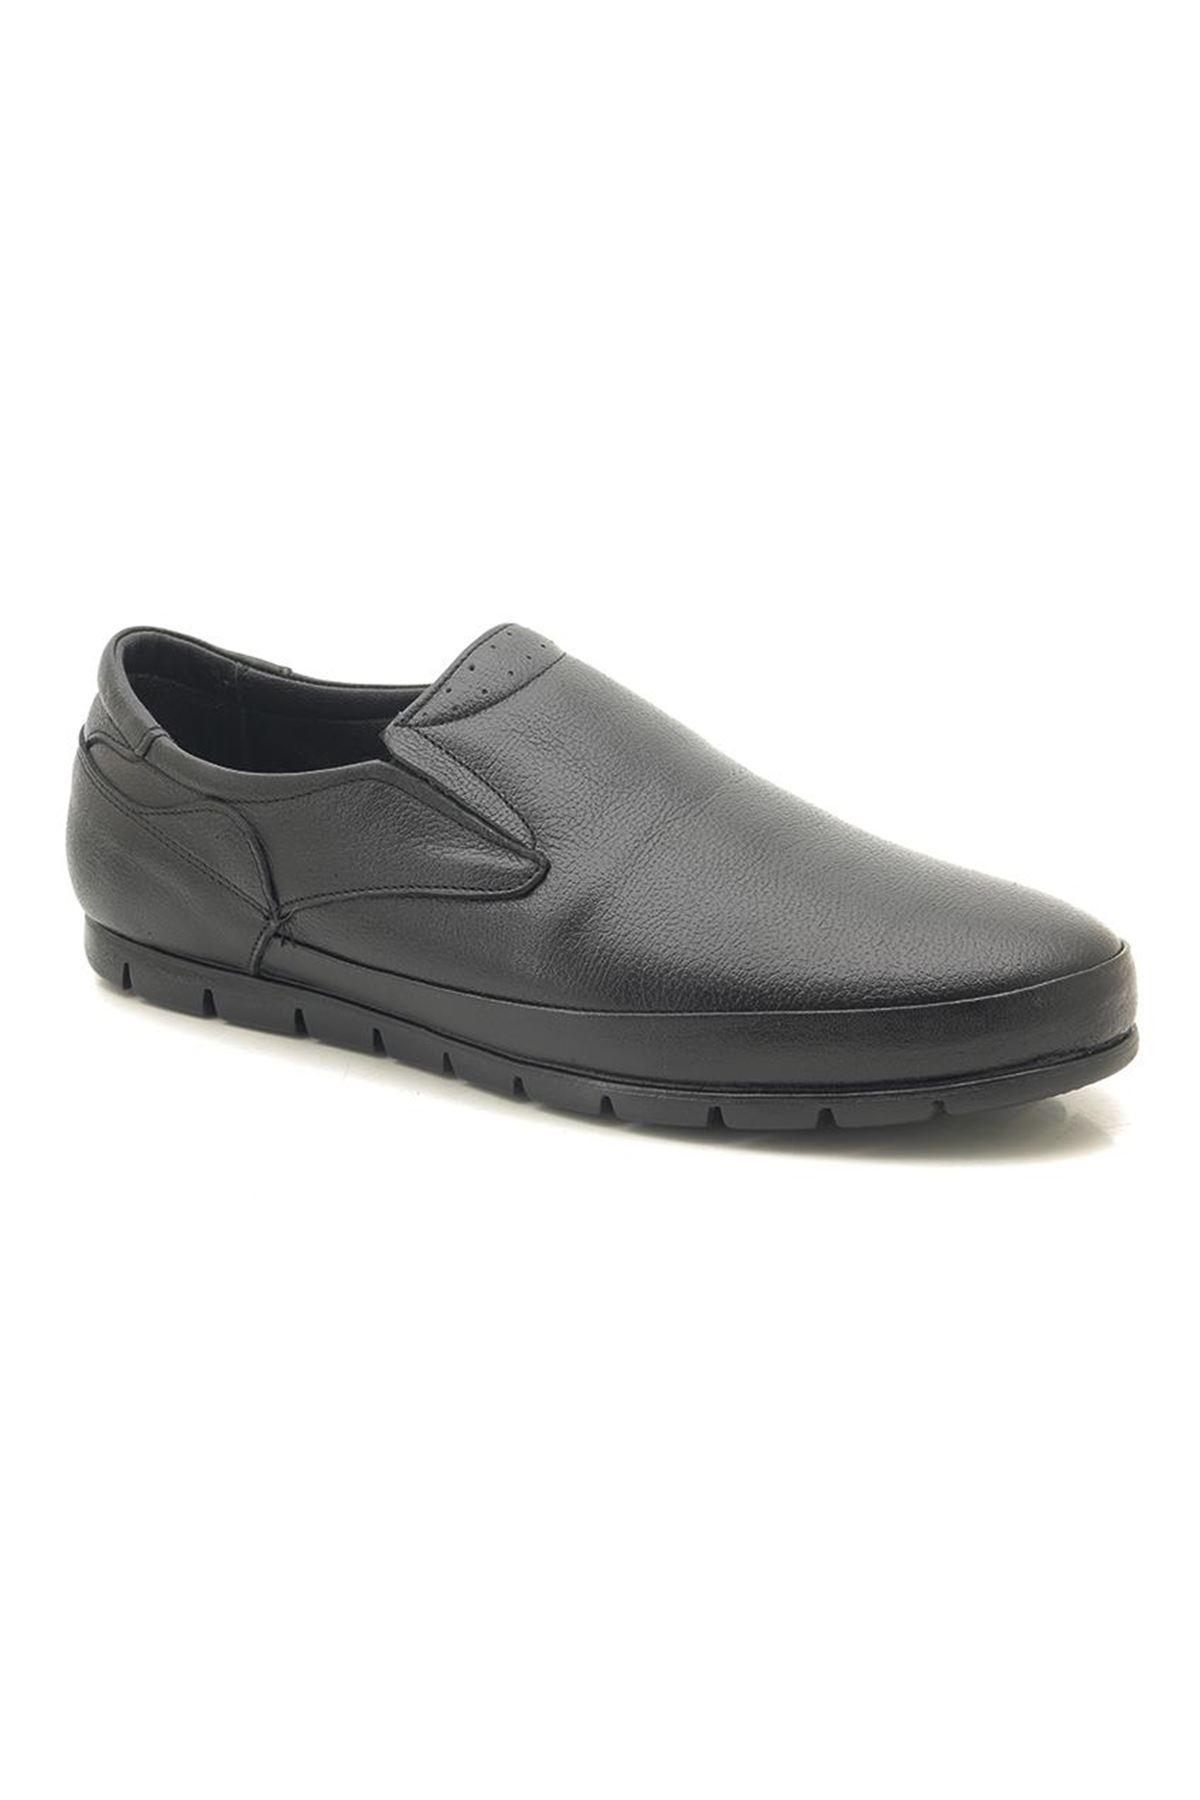 Man Comfort 2033A Hakiki Deri Erkek Günlük Ayakkabı